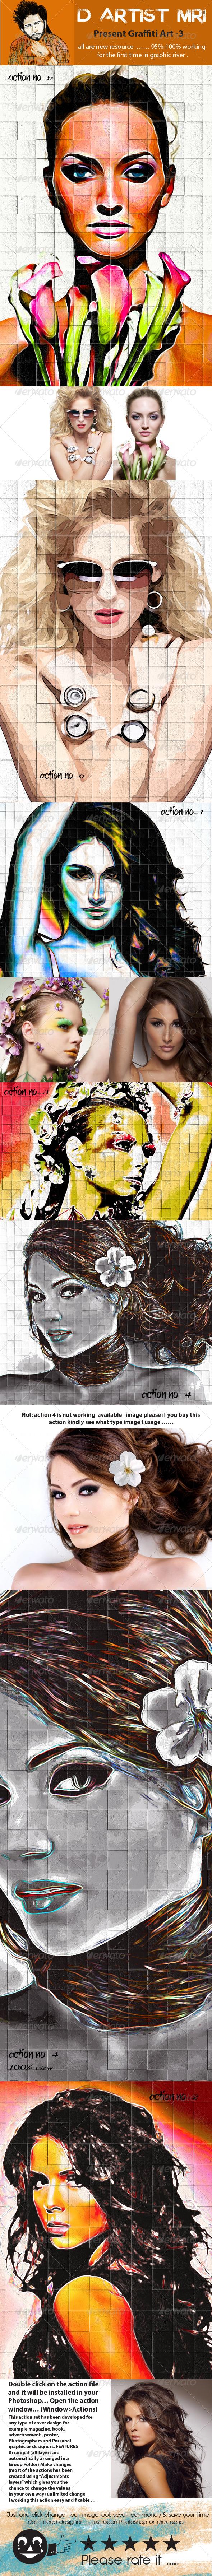 GraphicRiver Graffiti Art 3 8013647